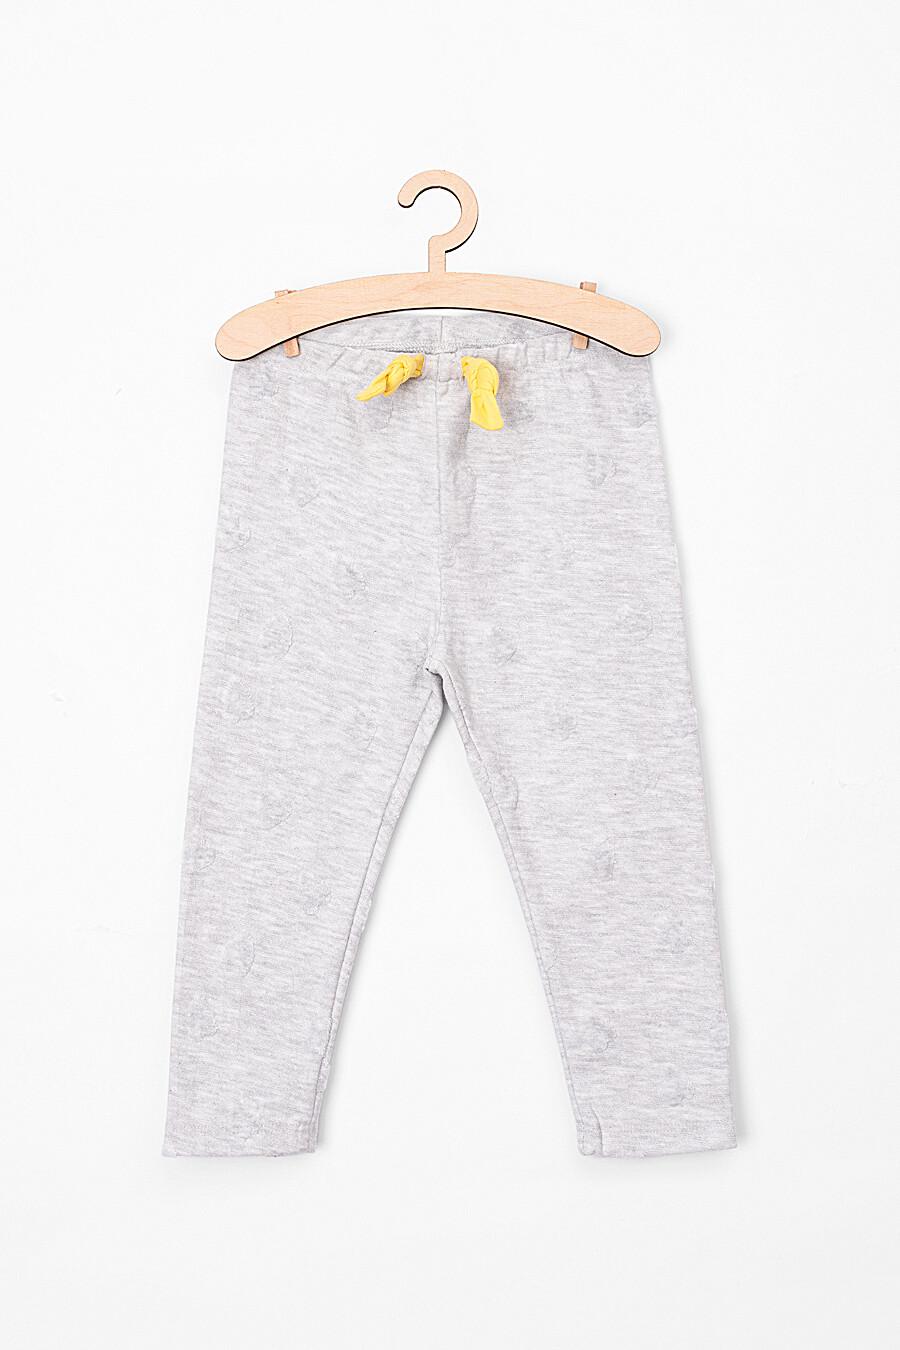 Леггинсы для девочек 5.10.15 218417 купить оптом от производителя. Совместная покупка детской одежды в OptMoyo